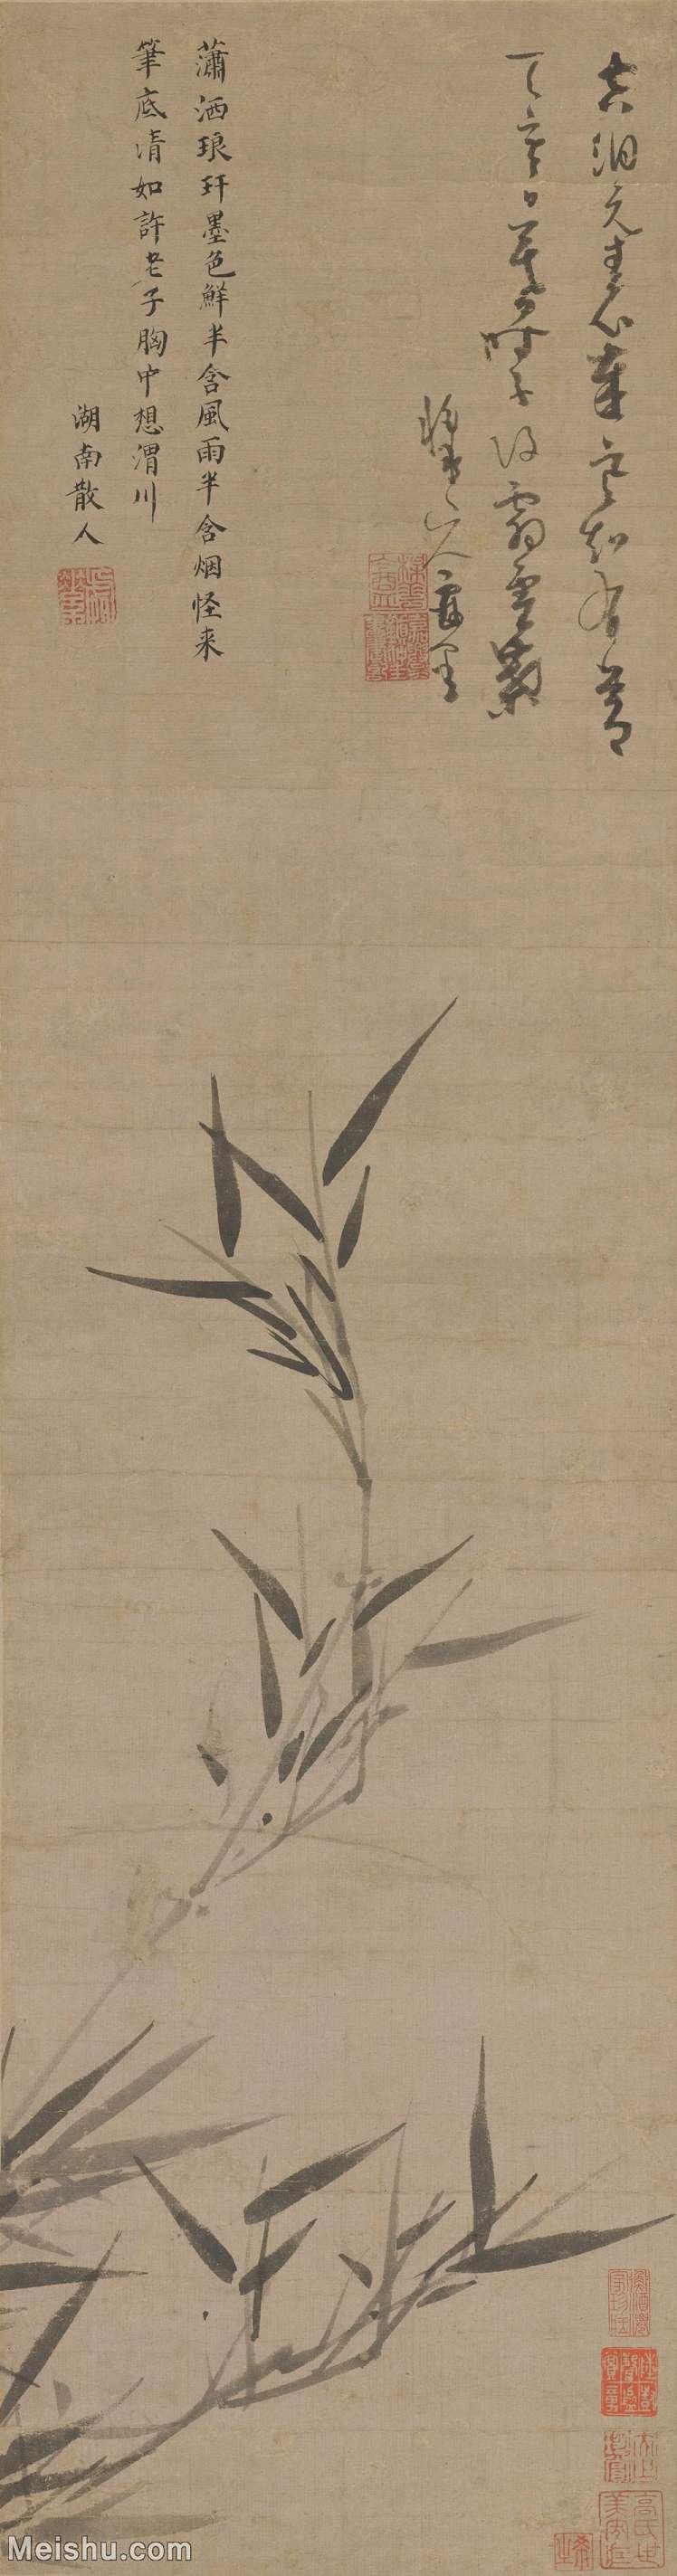 【超顶级】GH6085335古画树木植物-竹枝图-元-吴镇-纸本-30x114-80x304-水墨竹子立轴图片-526M